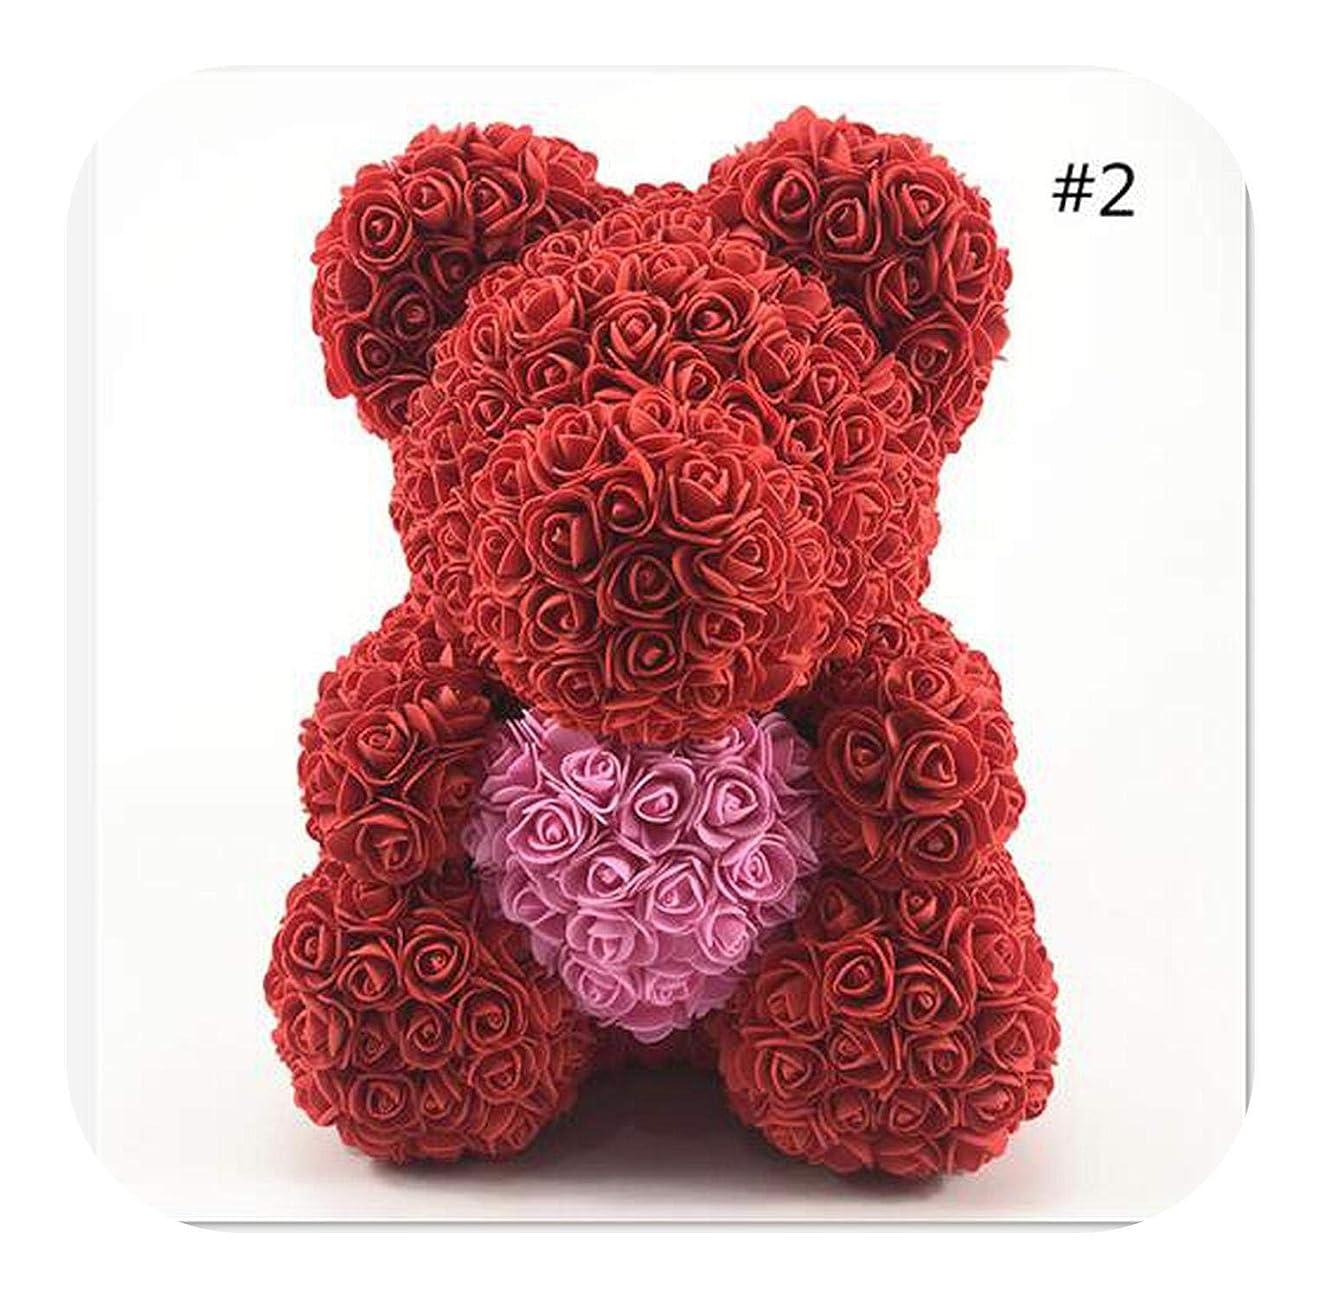 ベスト篭意外バラ、ガールフレンドローズベア40センチメートルローズベアウェディングデコレーション記念バレンタインデープレゼントR83、赤、黄色のバラテディベアのためにロマンチックな誕生日プレゼントのクマ